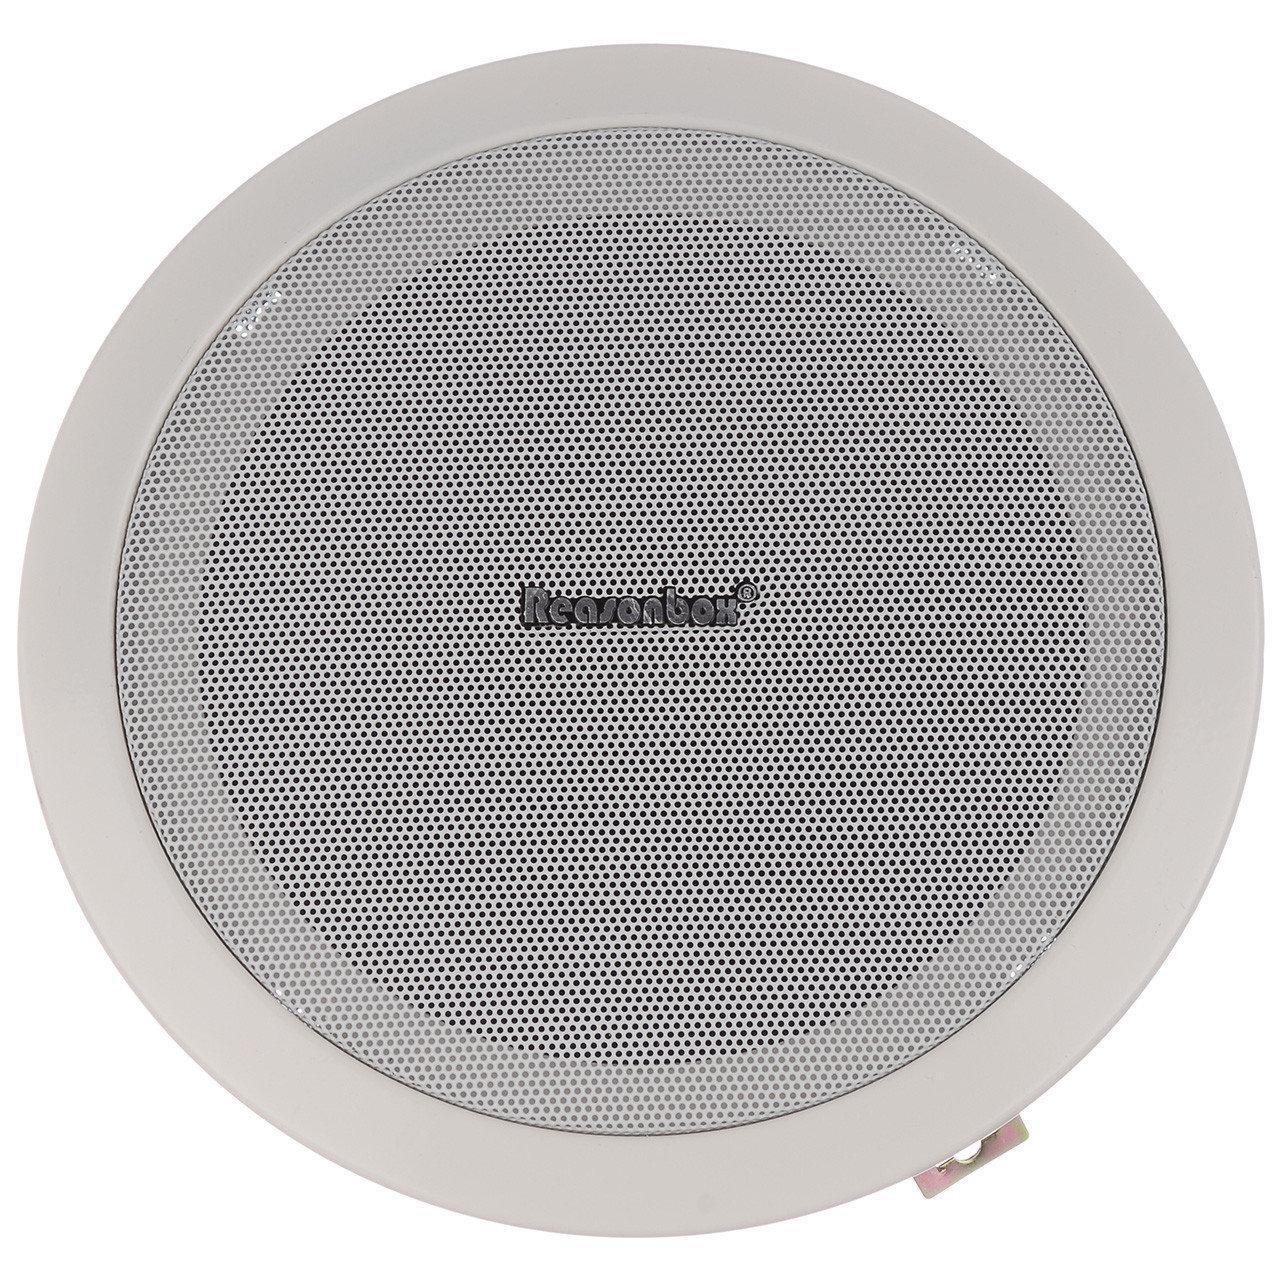 Потолочная акустика P601 | Акустическая система | Колонки